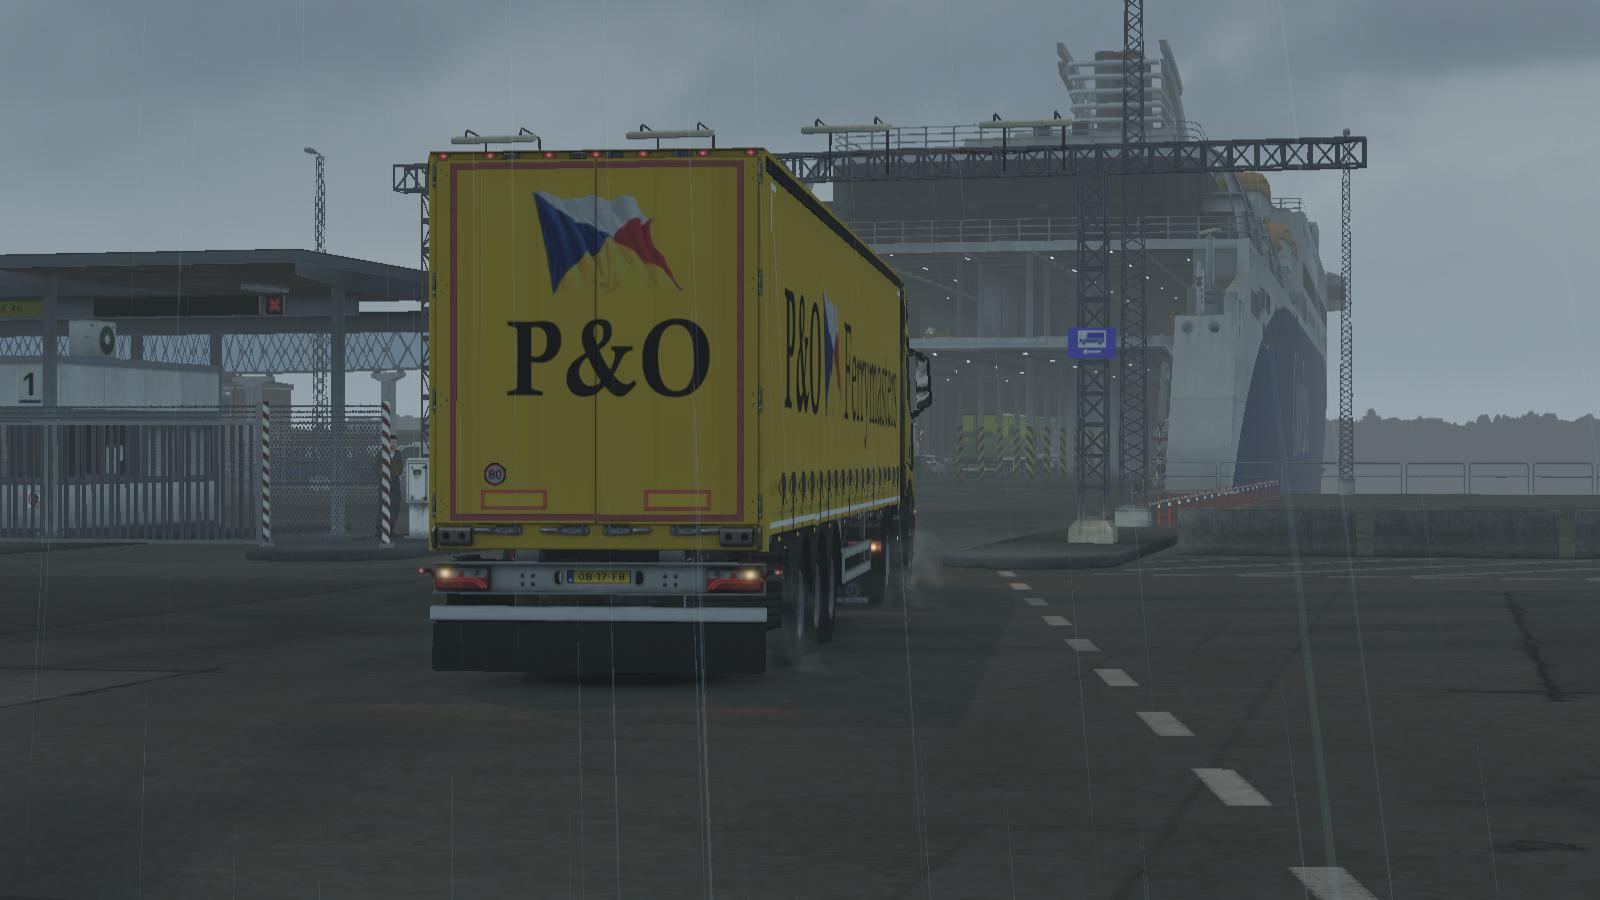 ETS2 - P&O Ferrymasters (1.35.X)